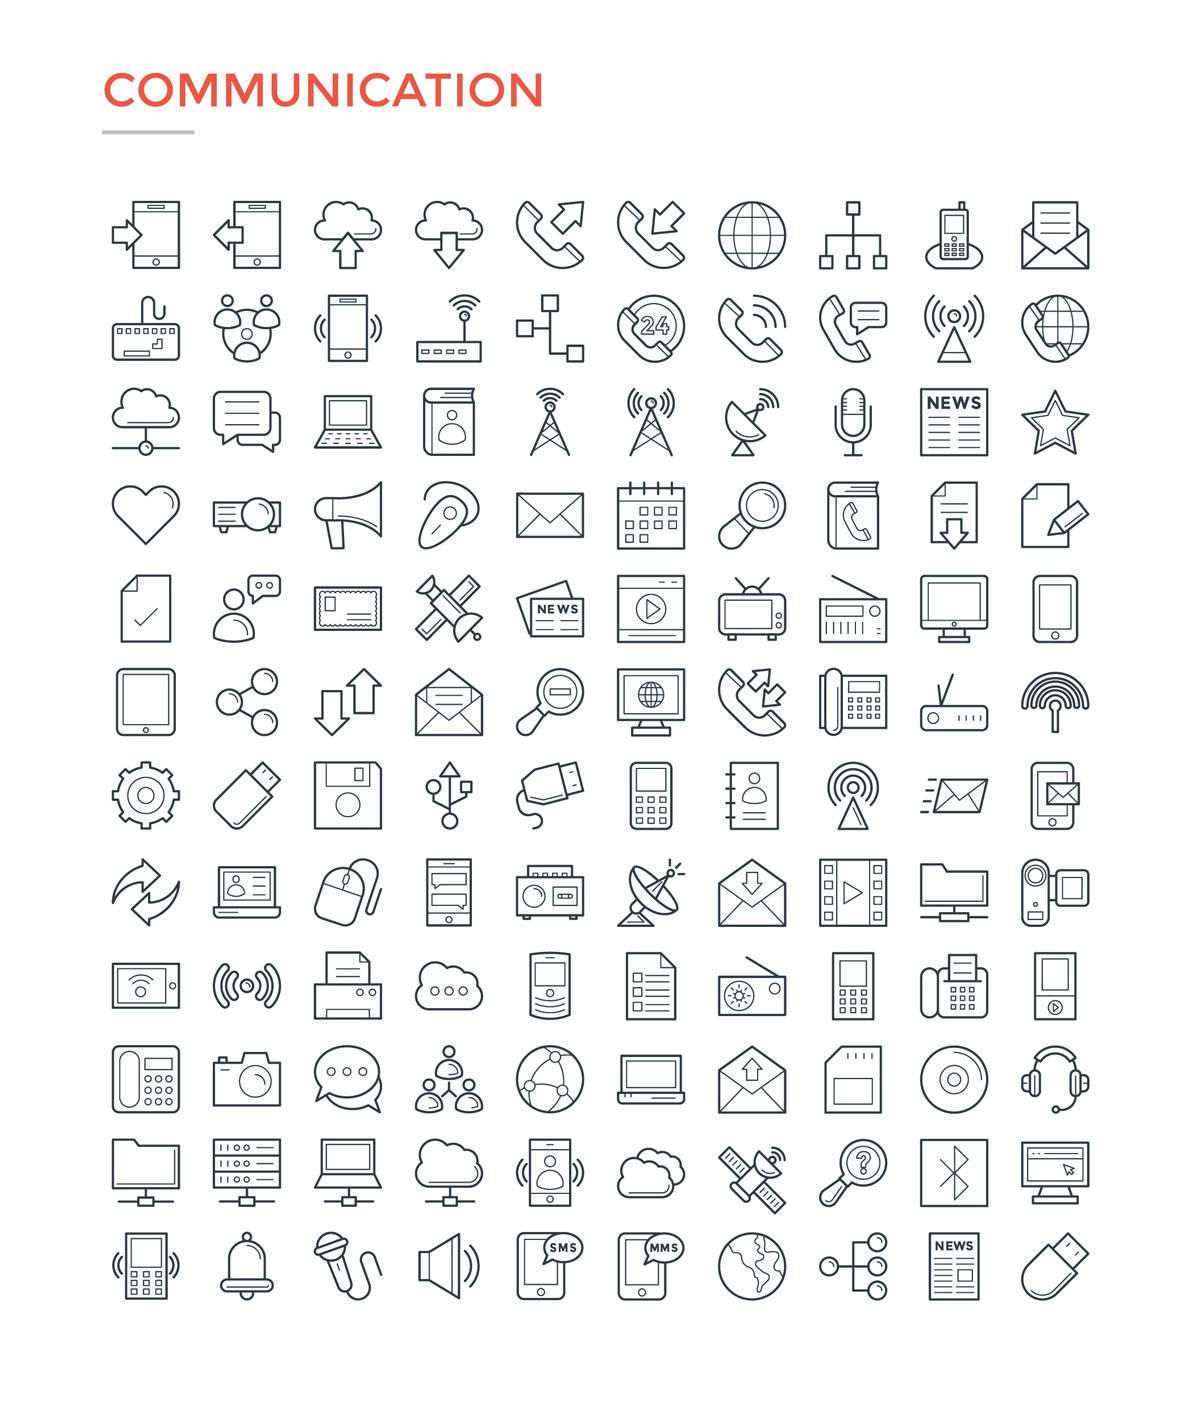 4800款独特的矢量图标合集 4800 Line Icons插图1